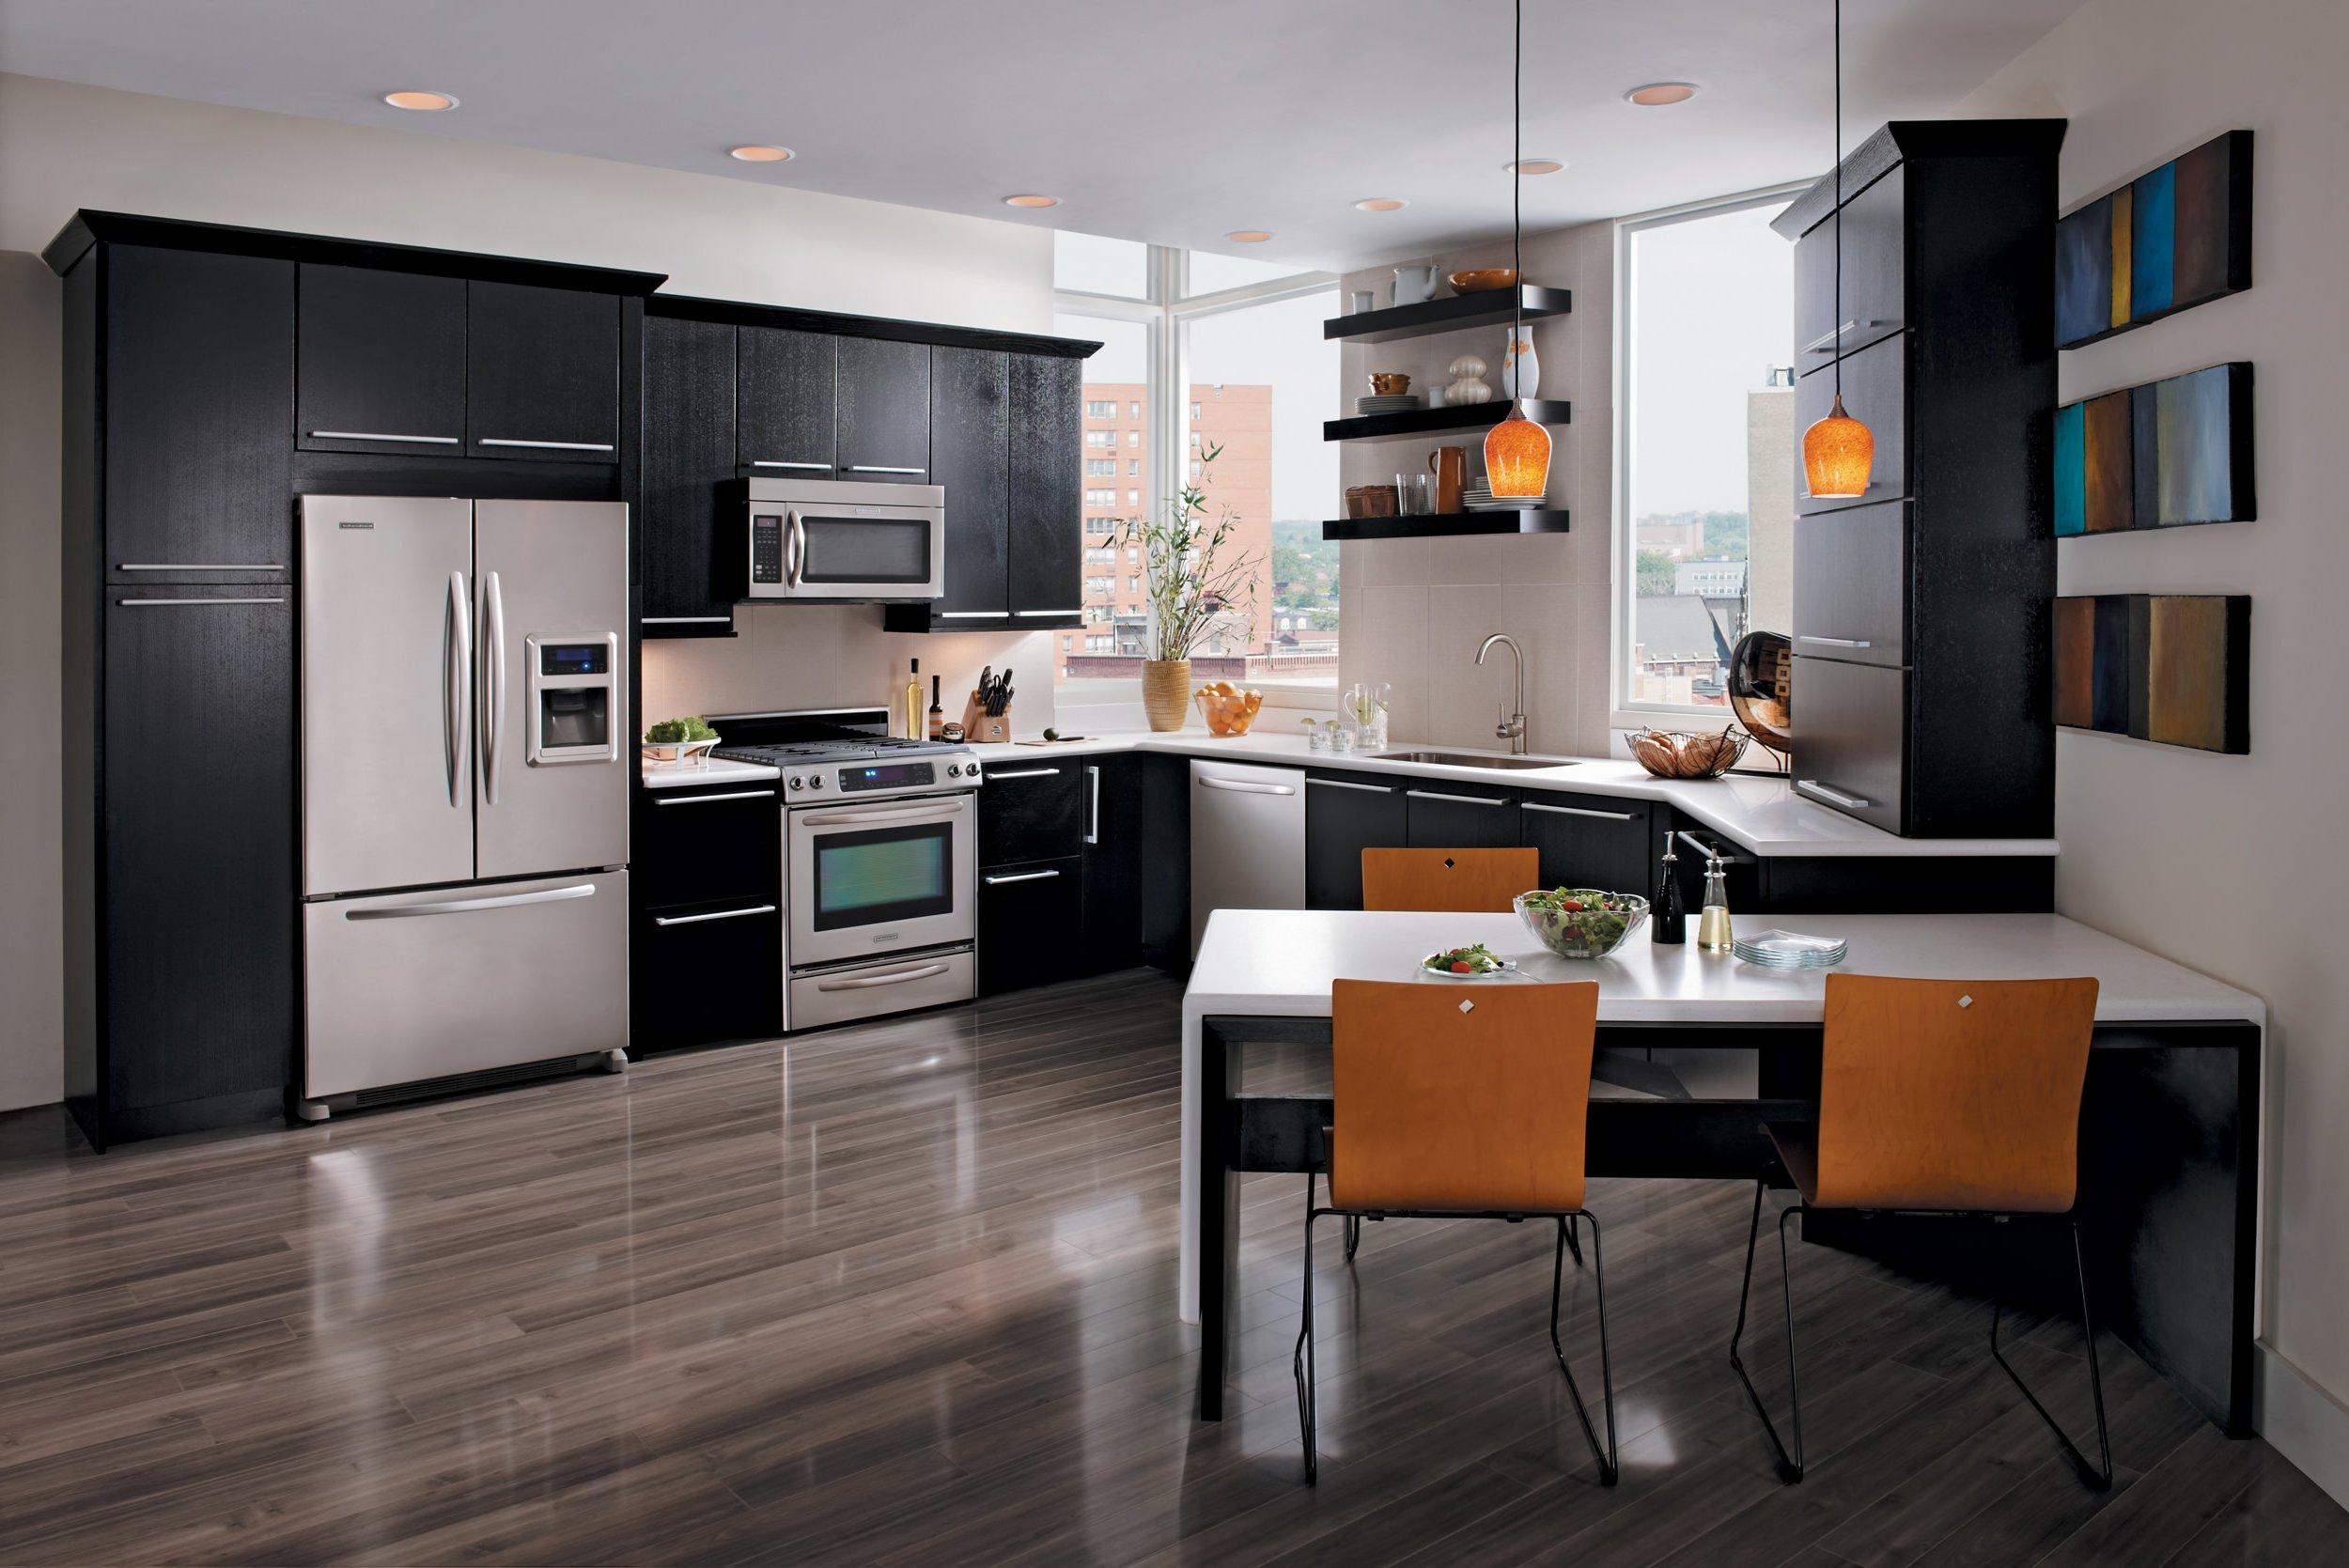 Пять принципов для планировки кухни_4